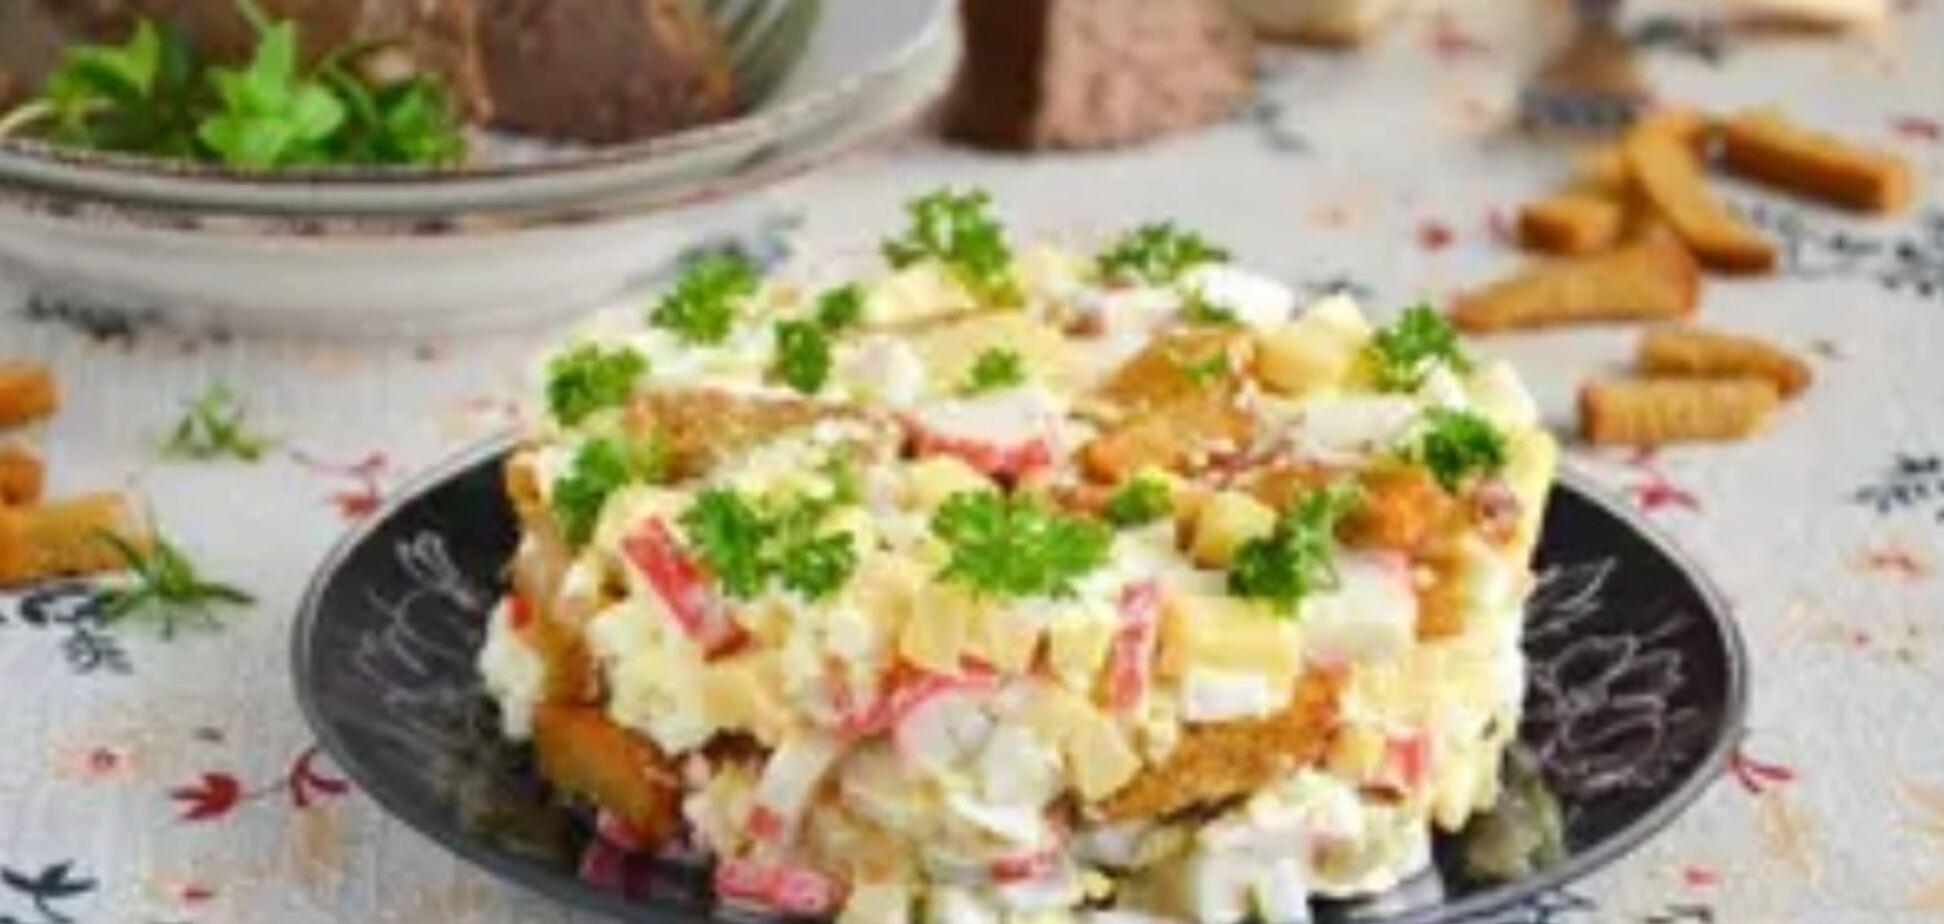 Рецепт оригинального и изысканного блюда с крабовыми палочками